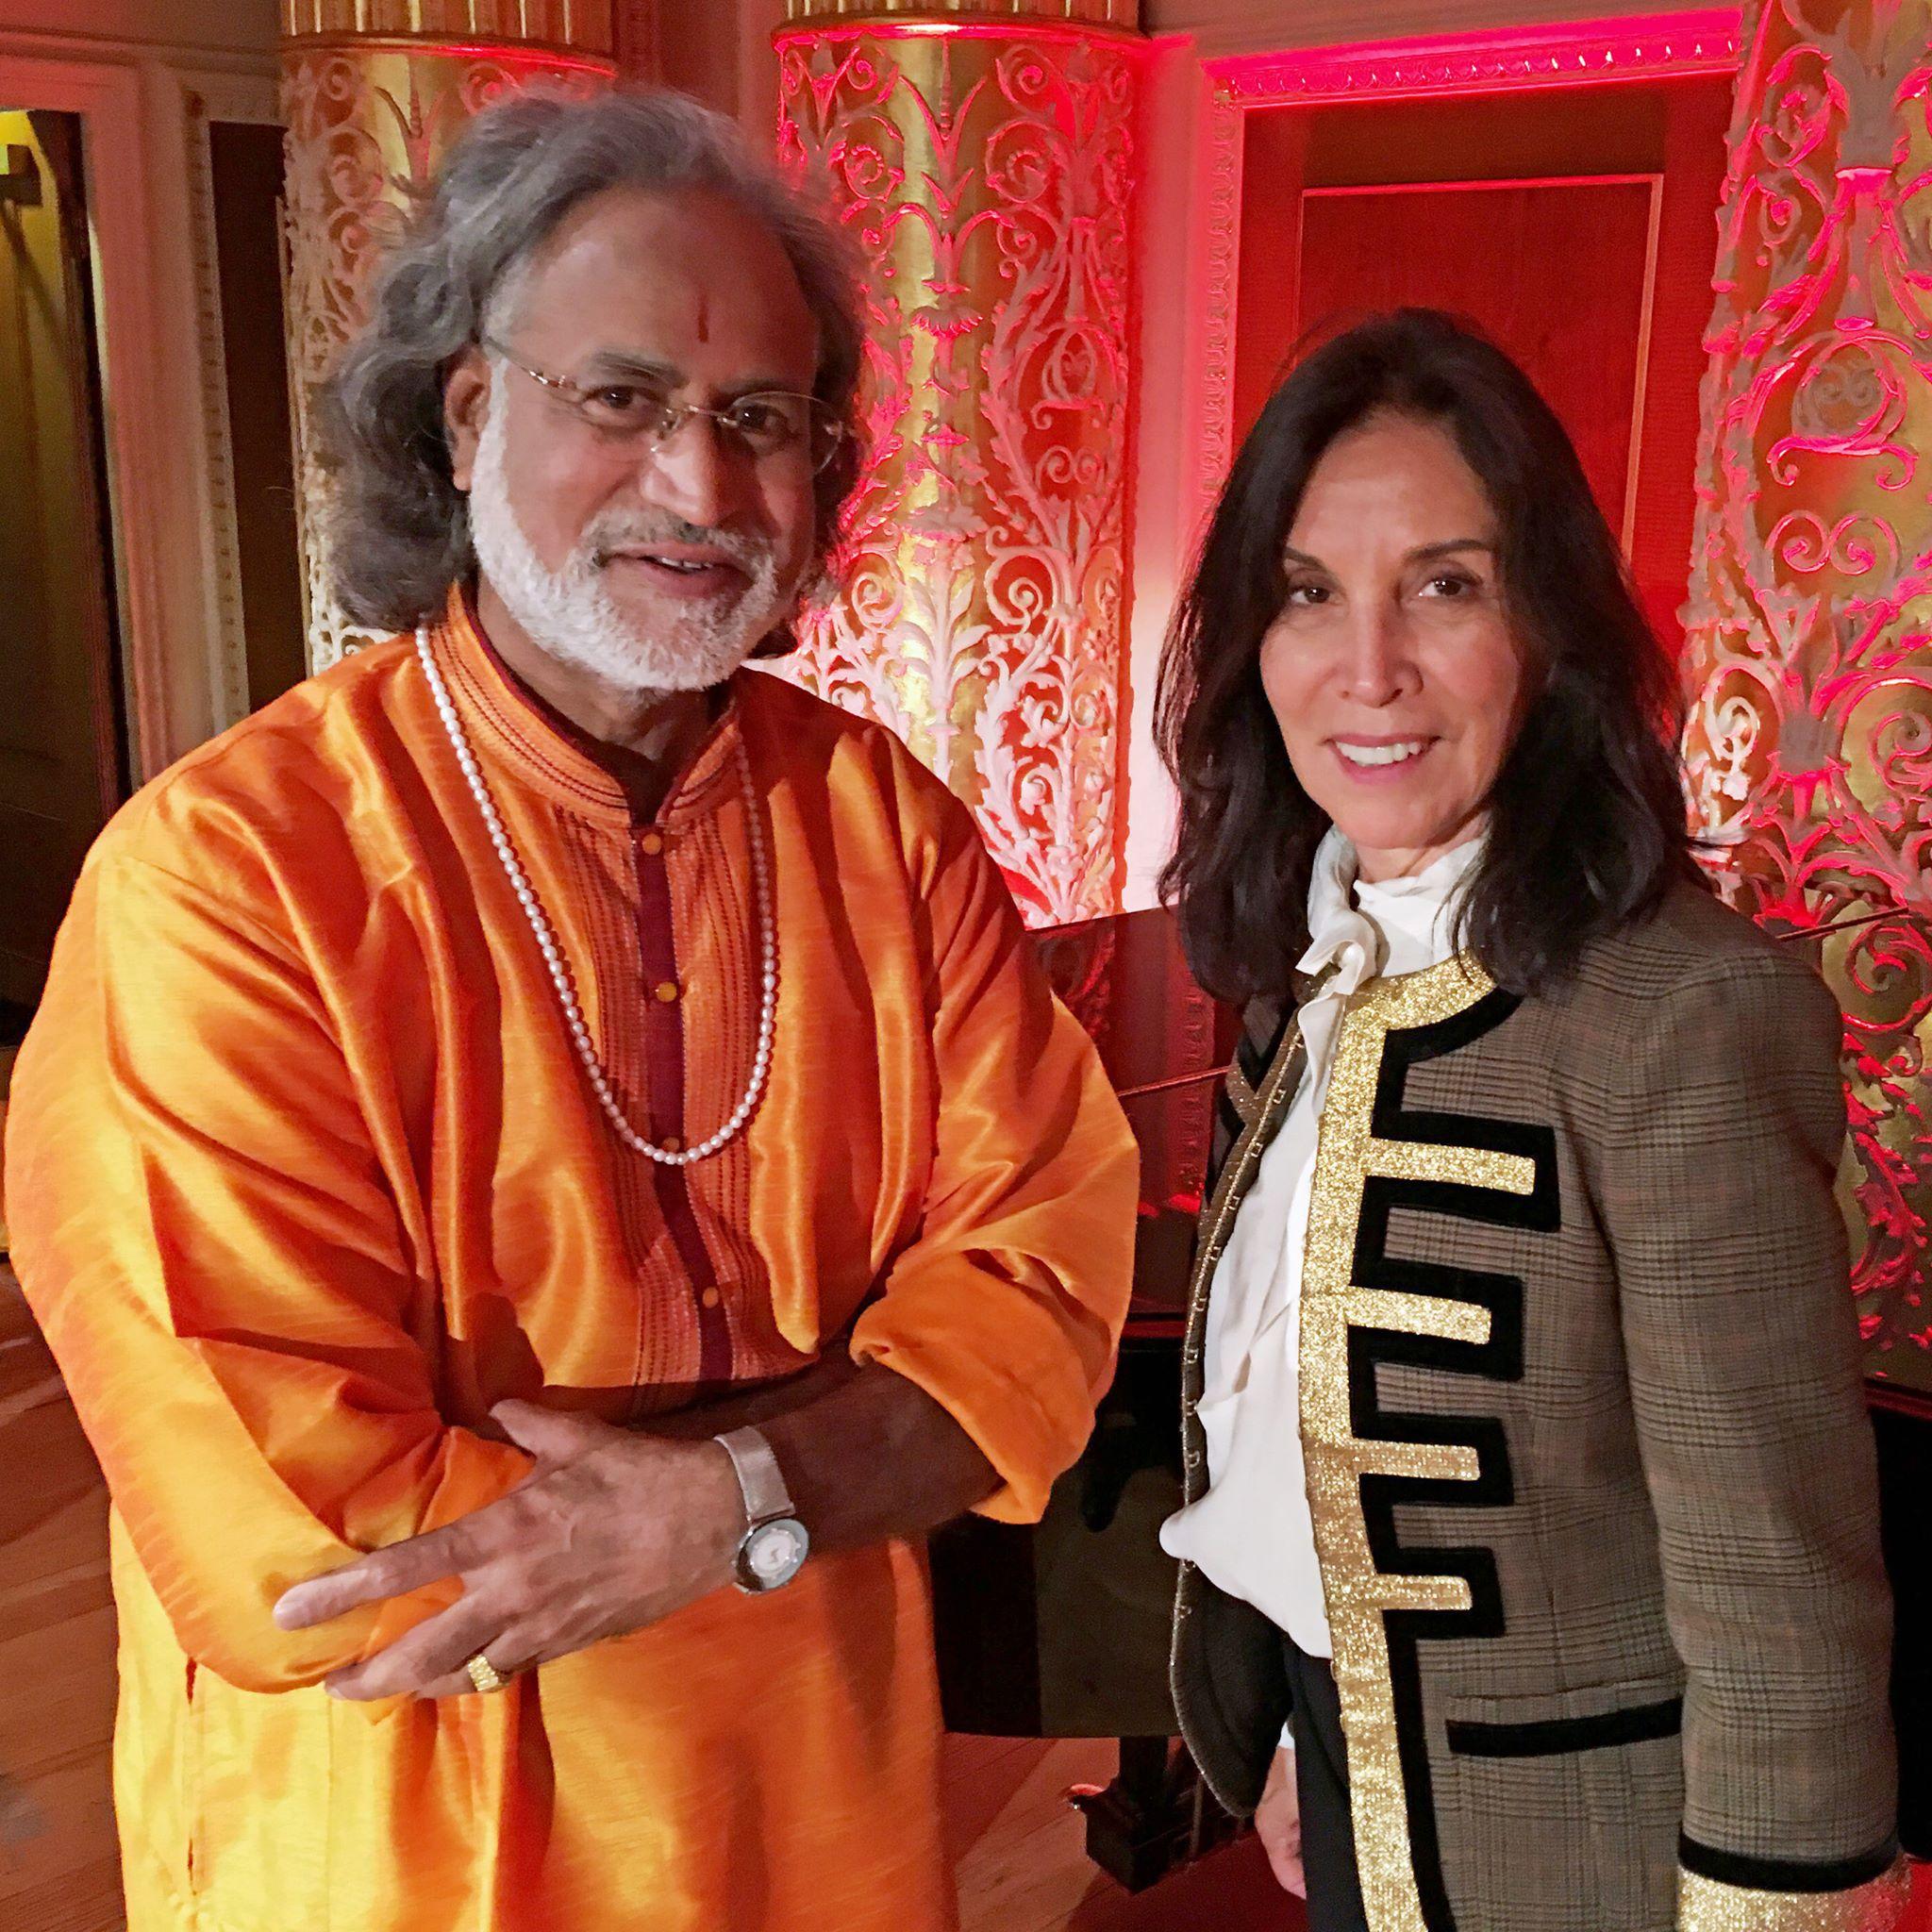 Olivia Harrison : aperçue au Ragafest and Indian Festival Village #liverpool #oliviaharrison